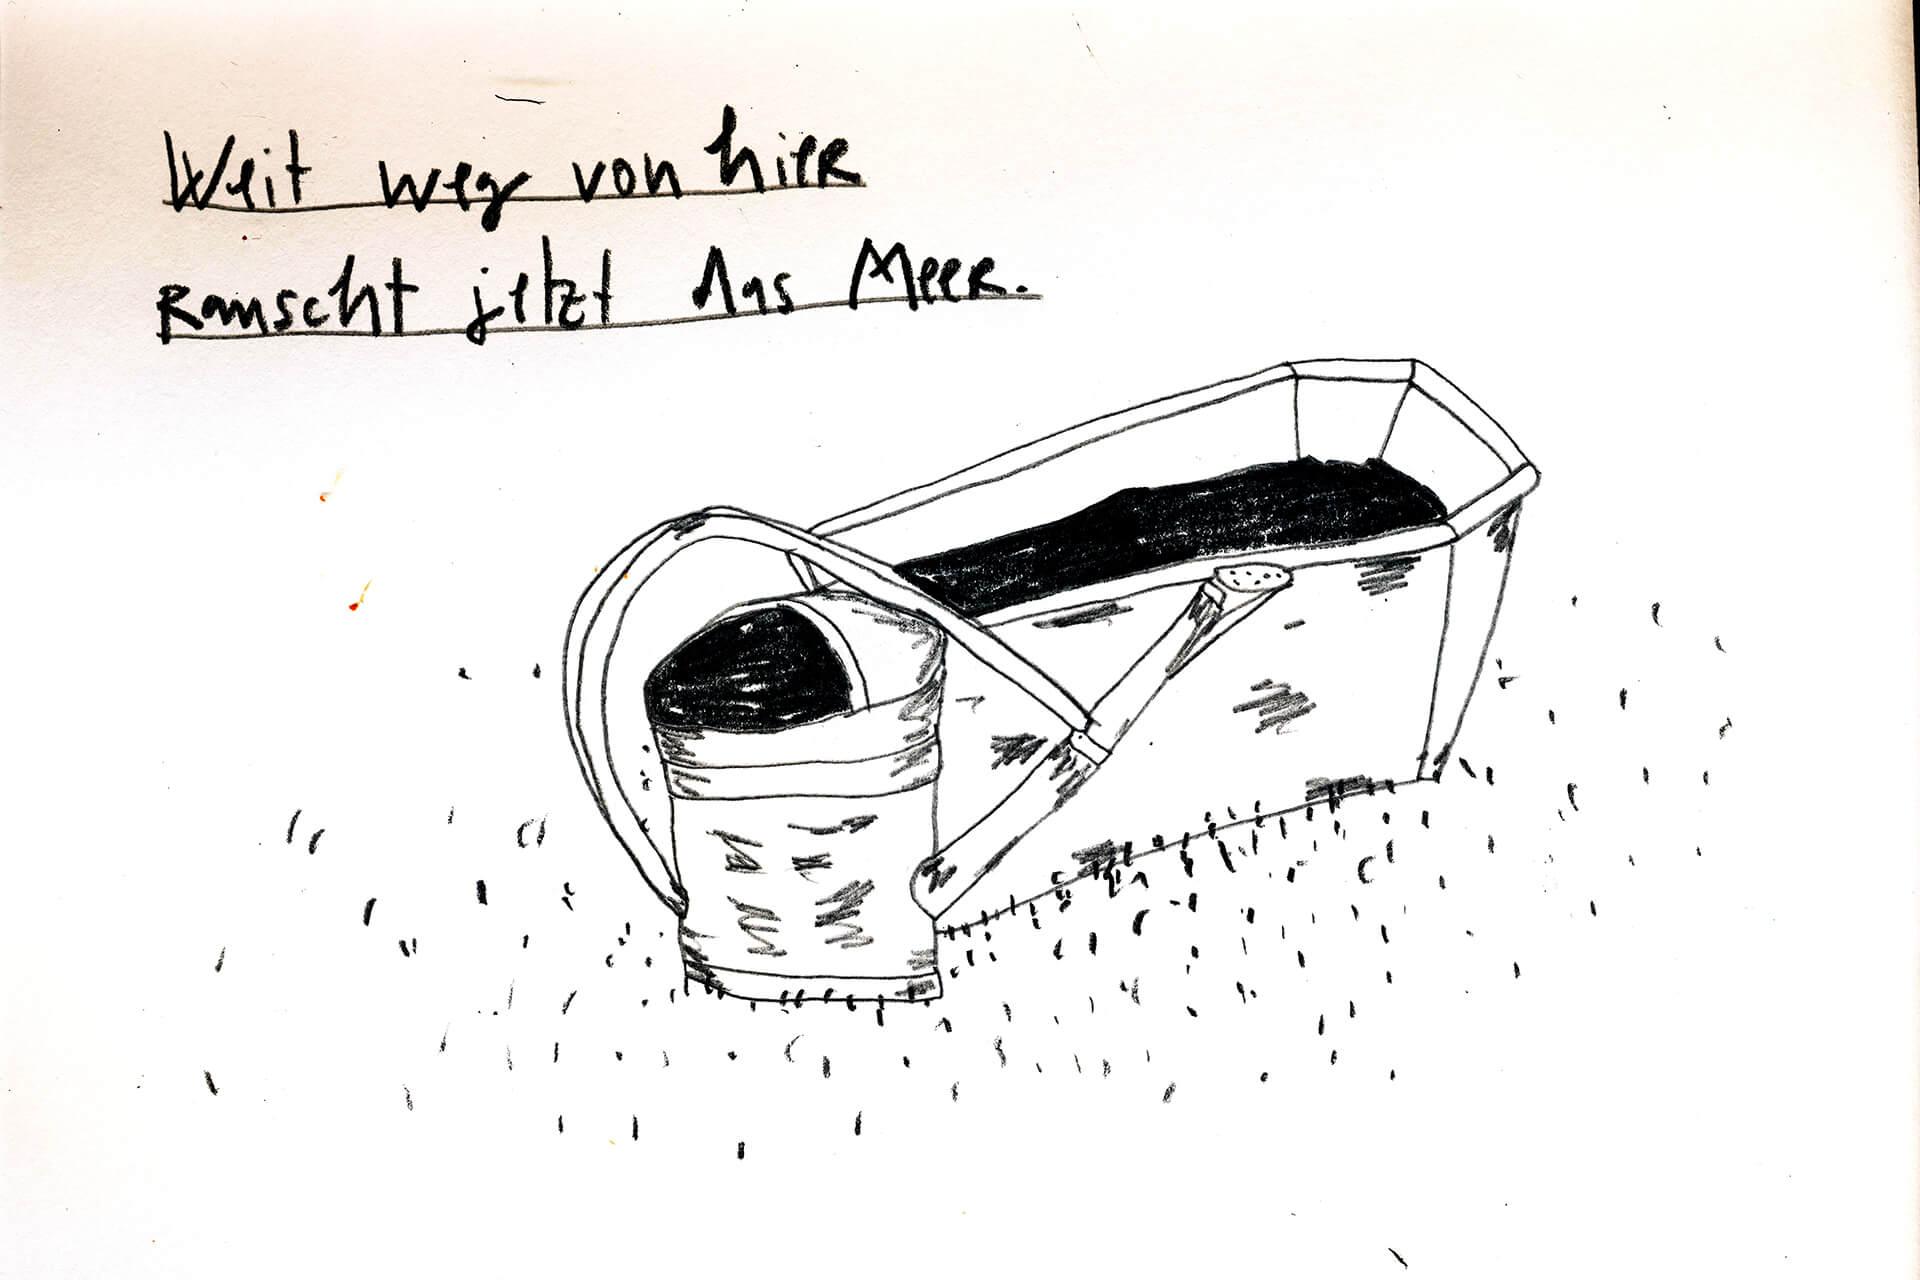 Matrosenhunde Illustration Zeichnung Illustratorin Text Prosa Wochenkalender Weit weg von hier rauscht jetzt das Meer